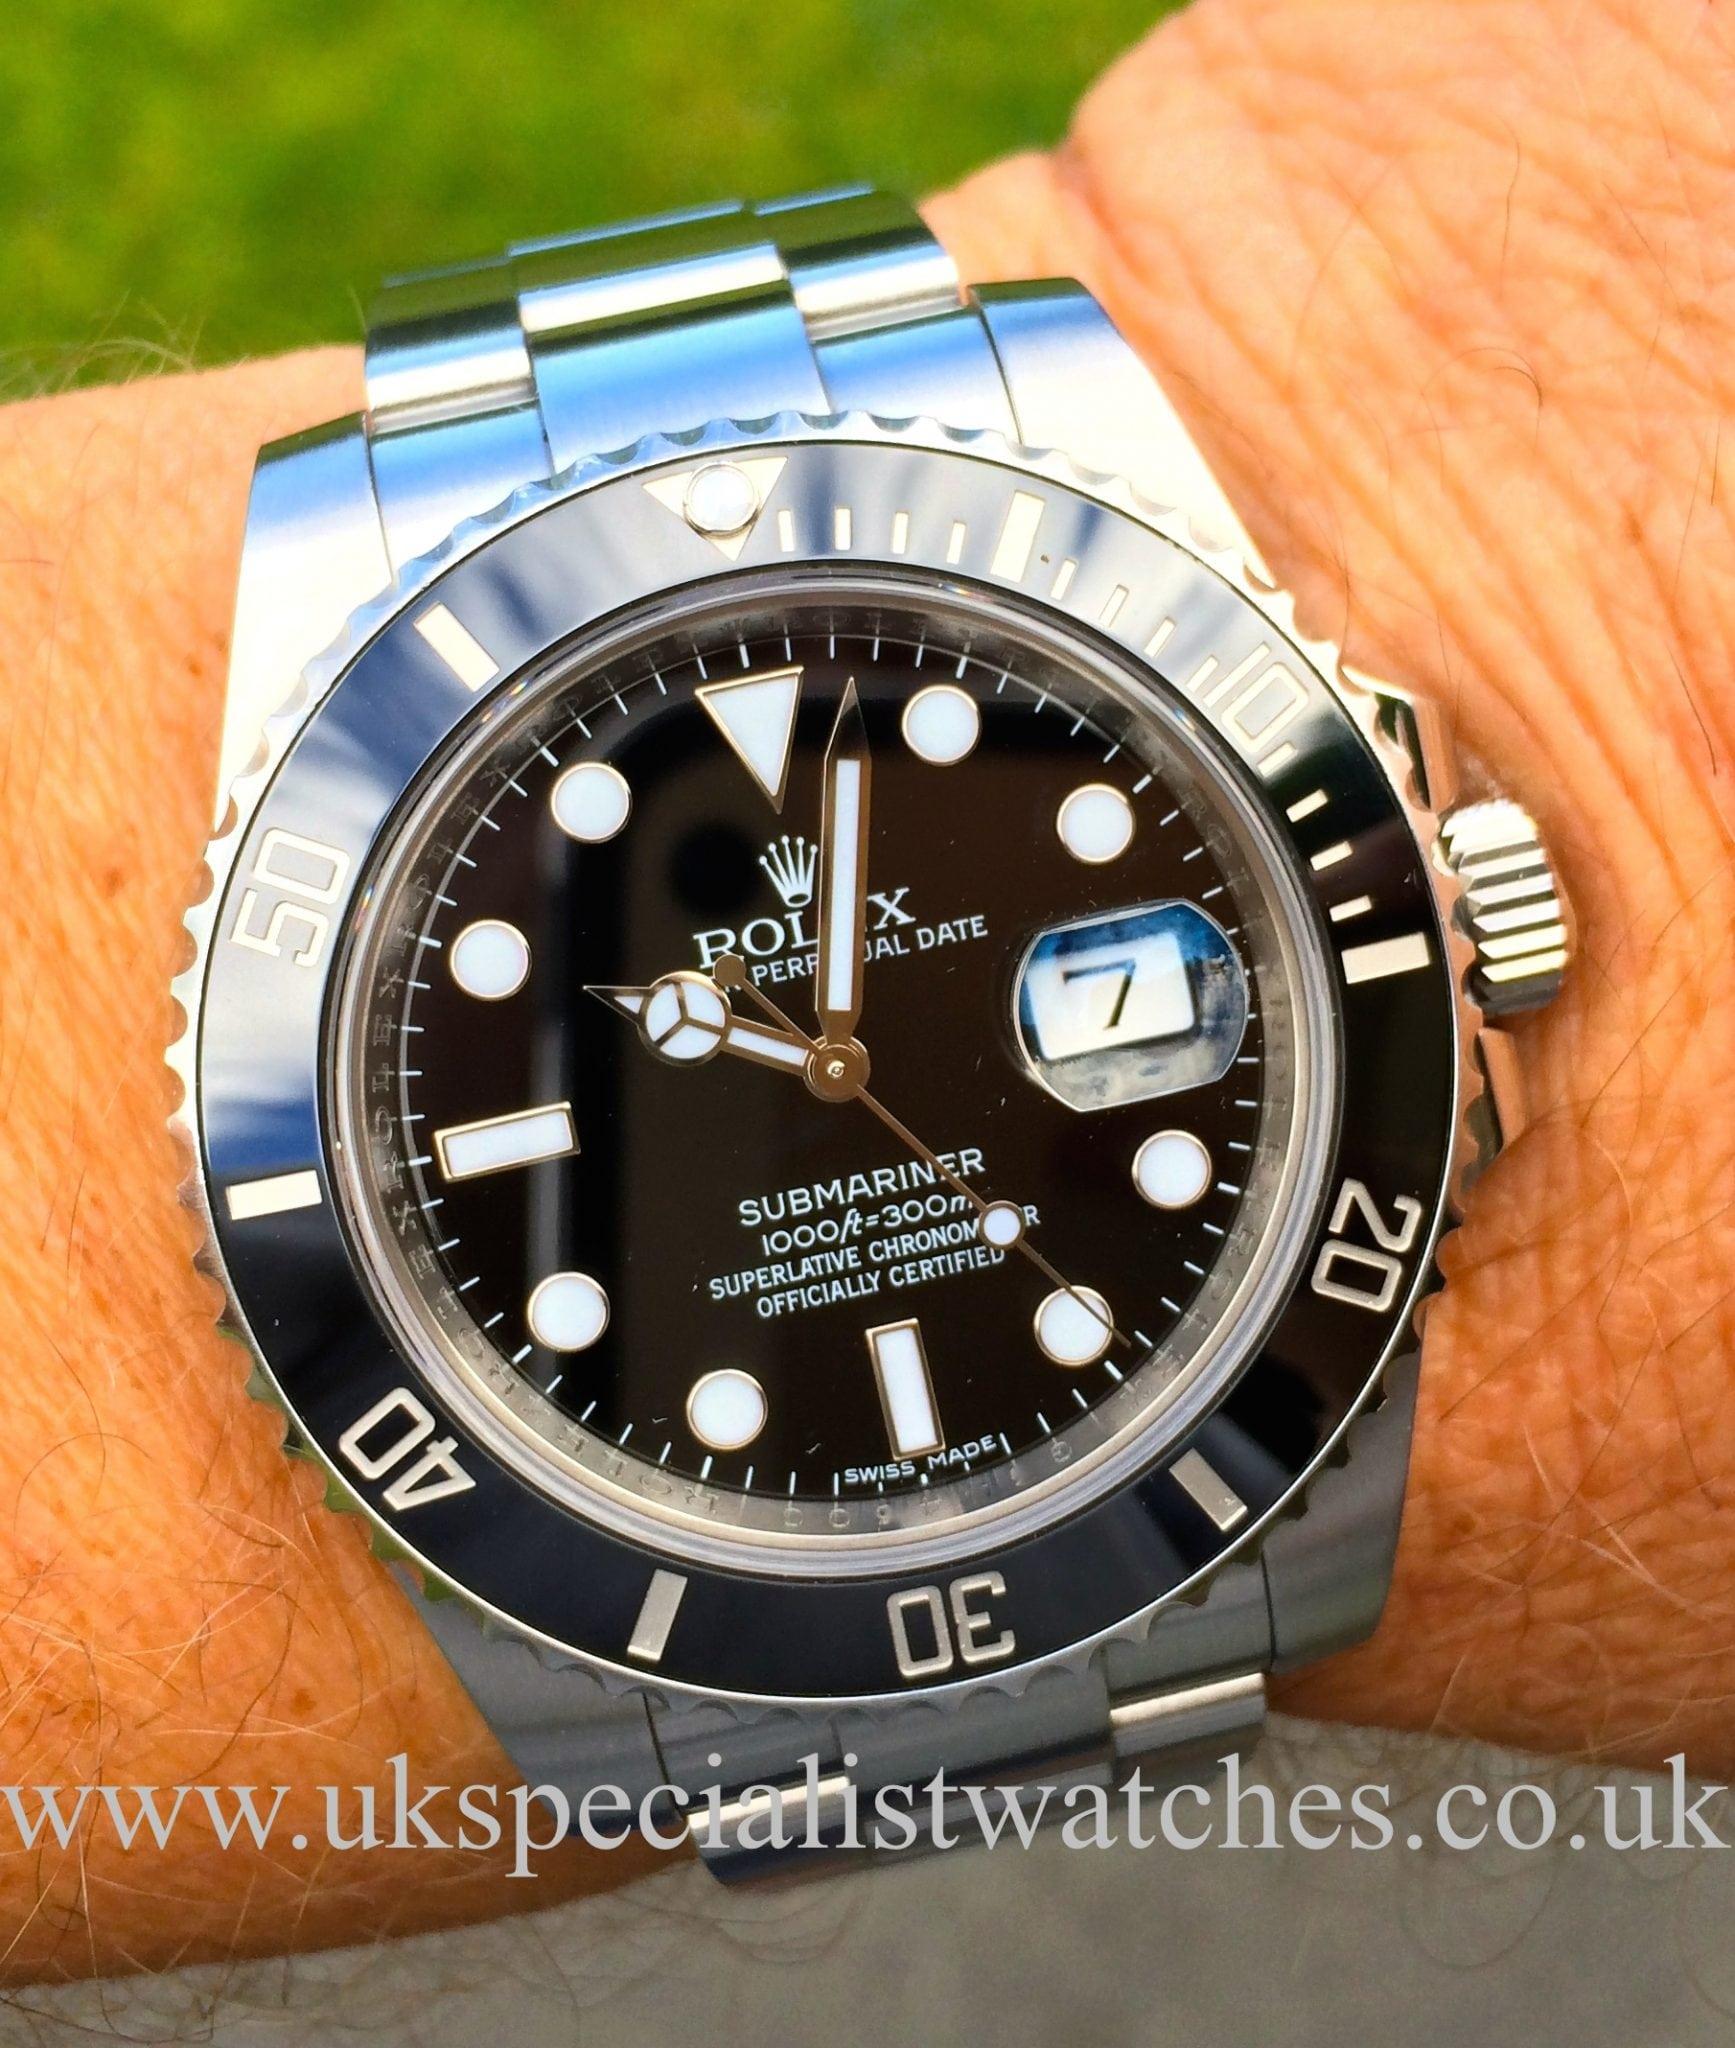 Rolex Submariner Date Ceramic Bezel 116610ln Uk